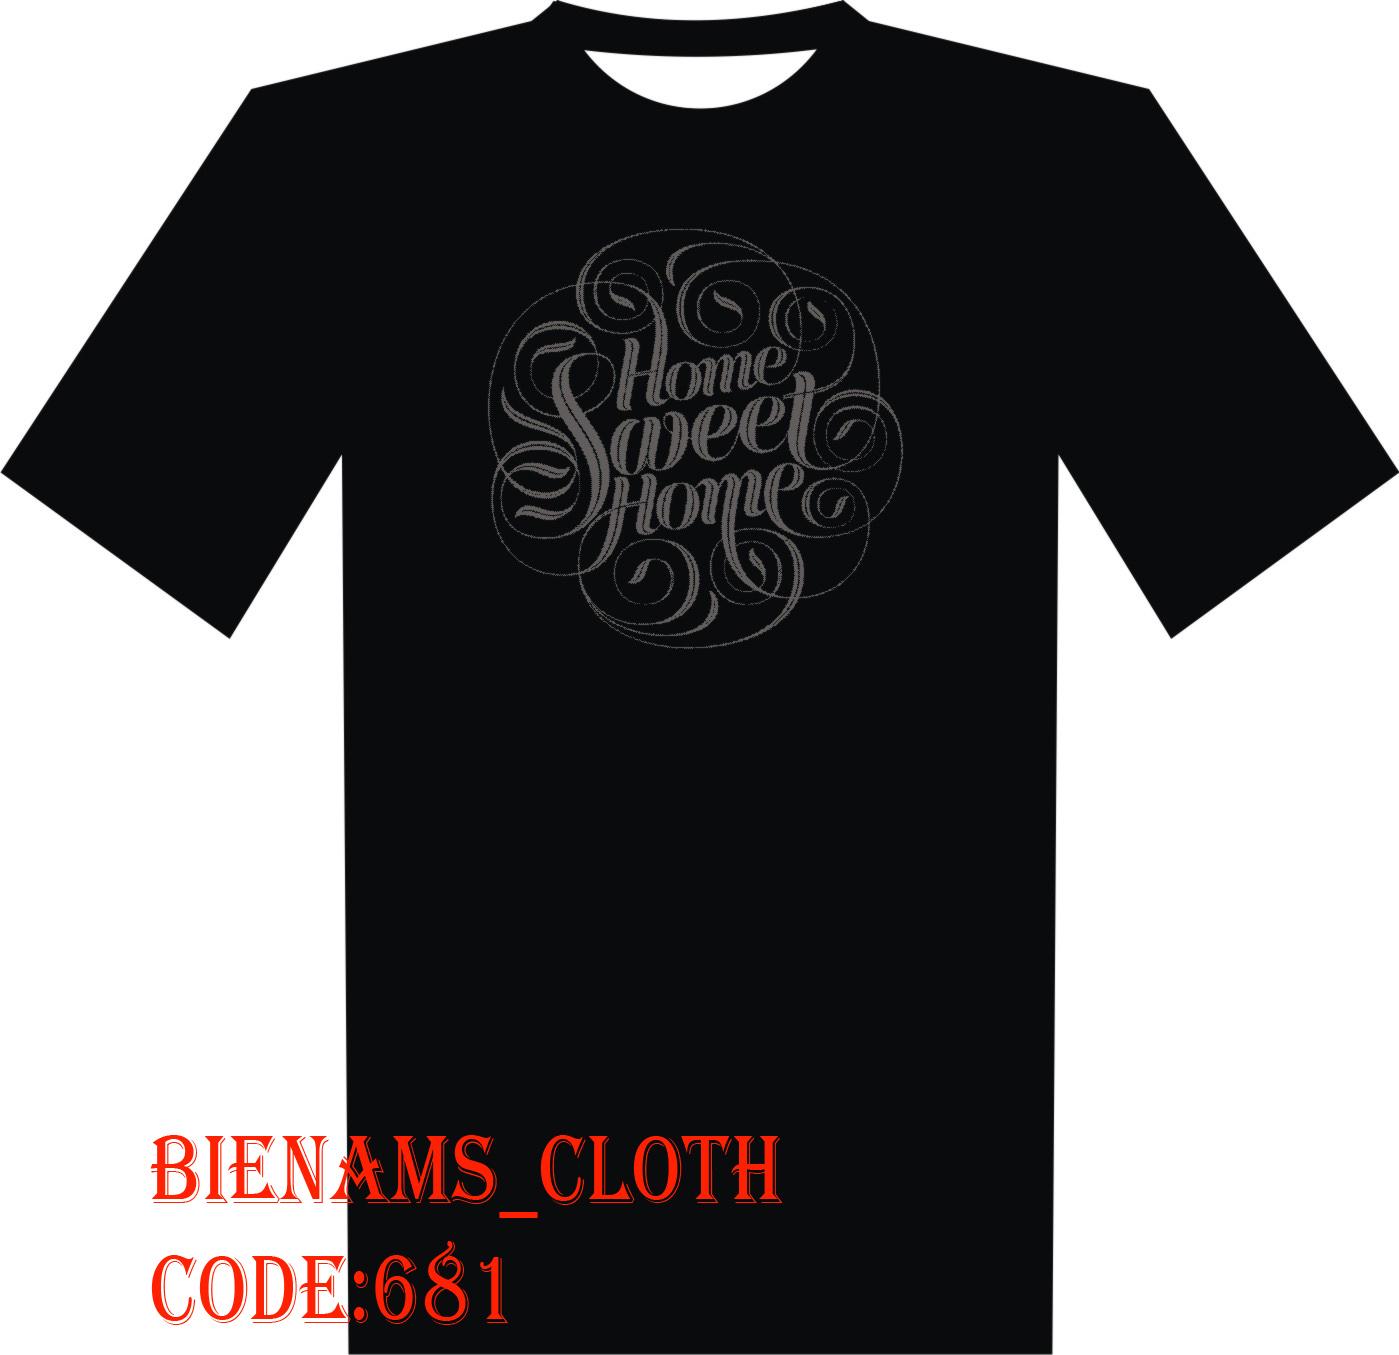 Desain t shirt unik - Bienams_cloth Memberikan Dsign Kaos Yg Unik Dan Menarik Untuk Sahabat Pecinta Dunia Dsign Kaos Simple Dan Desain Kaos Distro